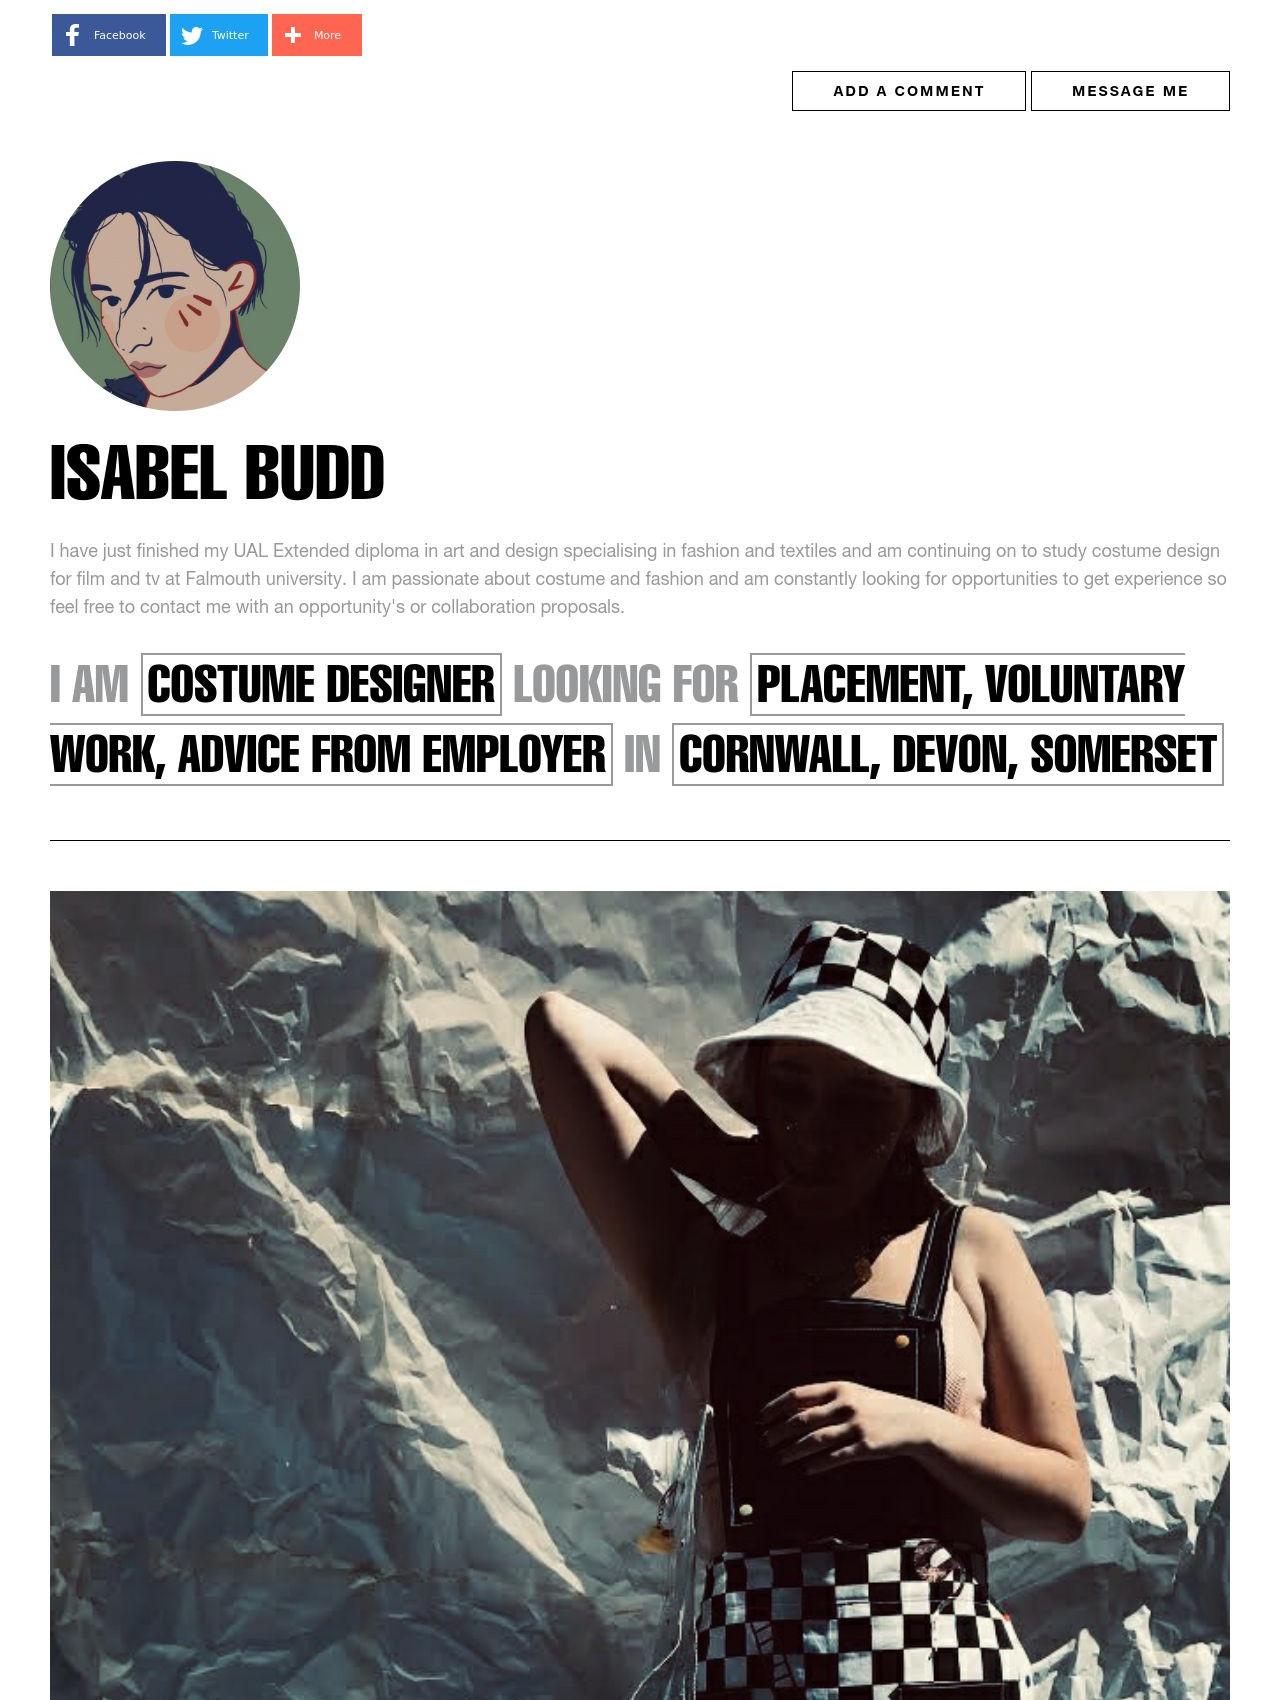 Isabel Budd